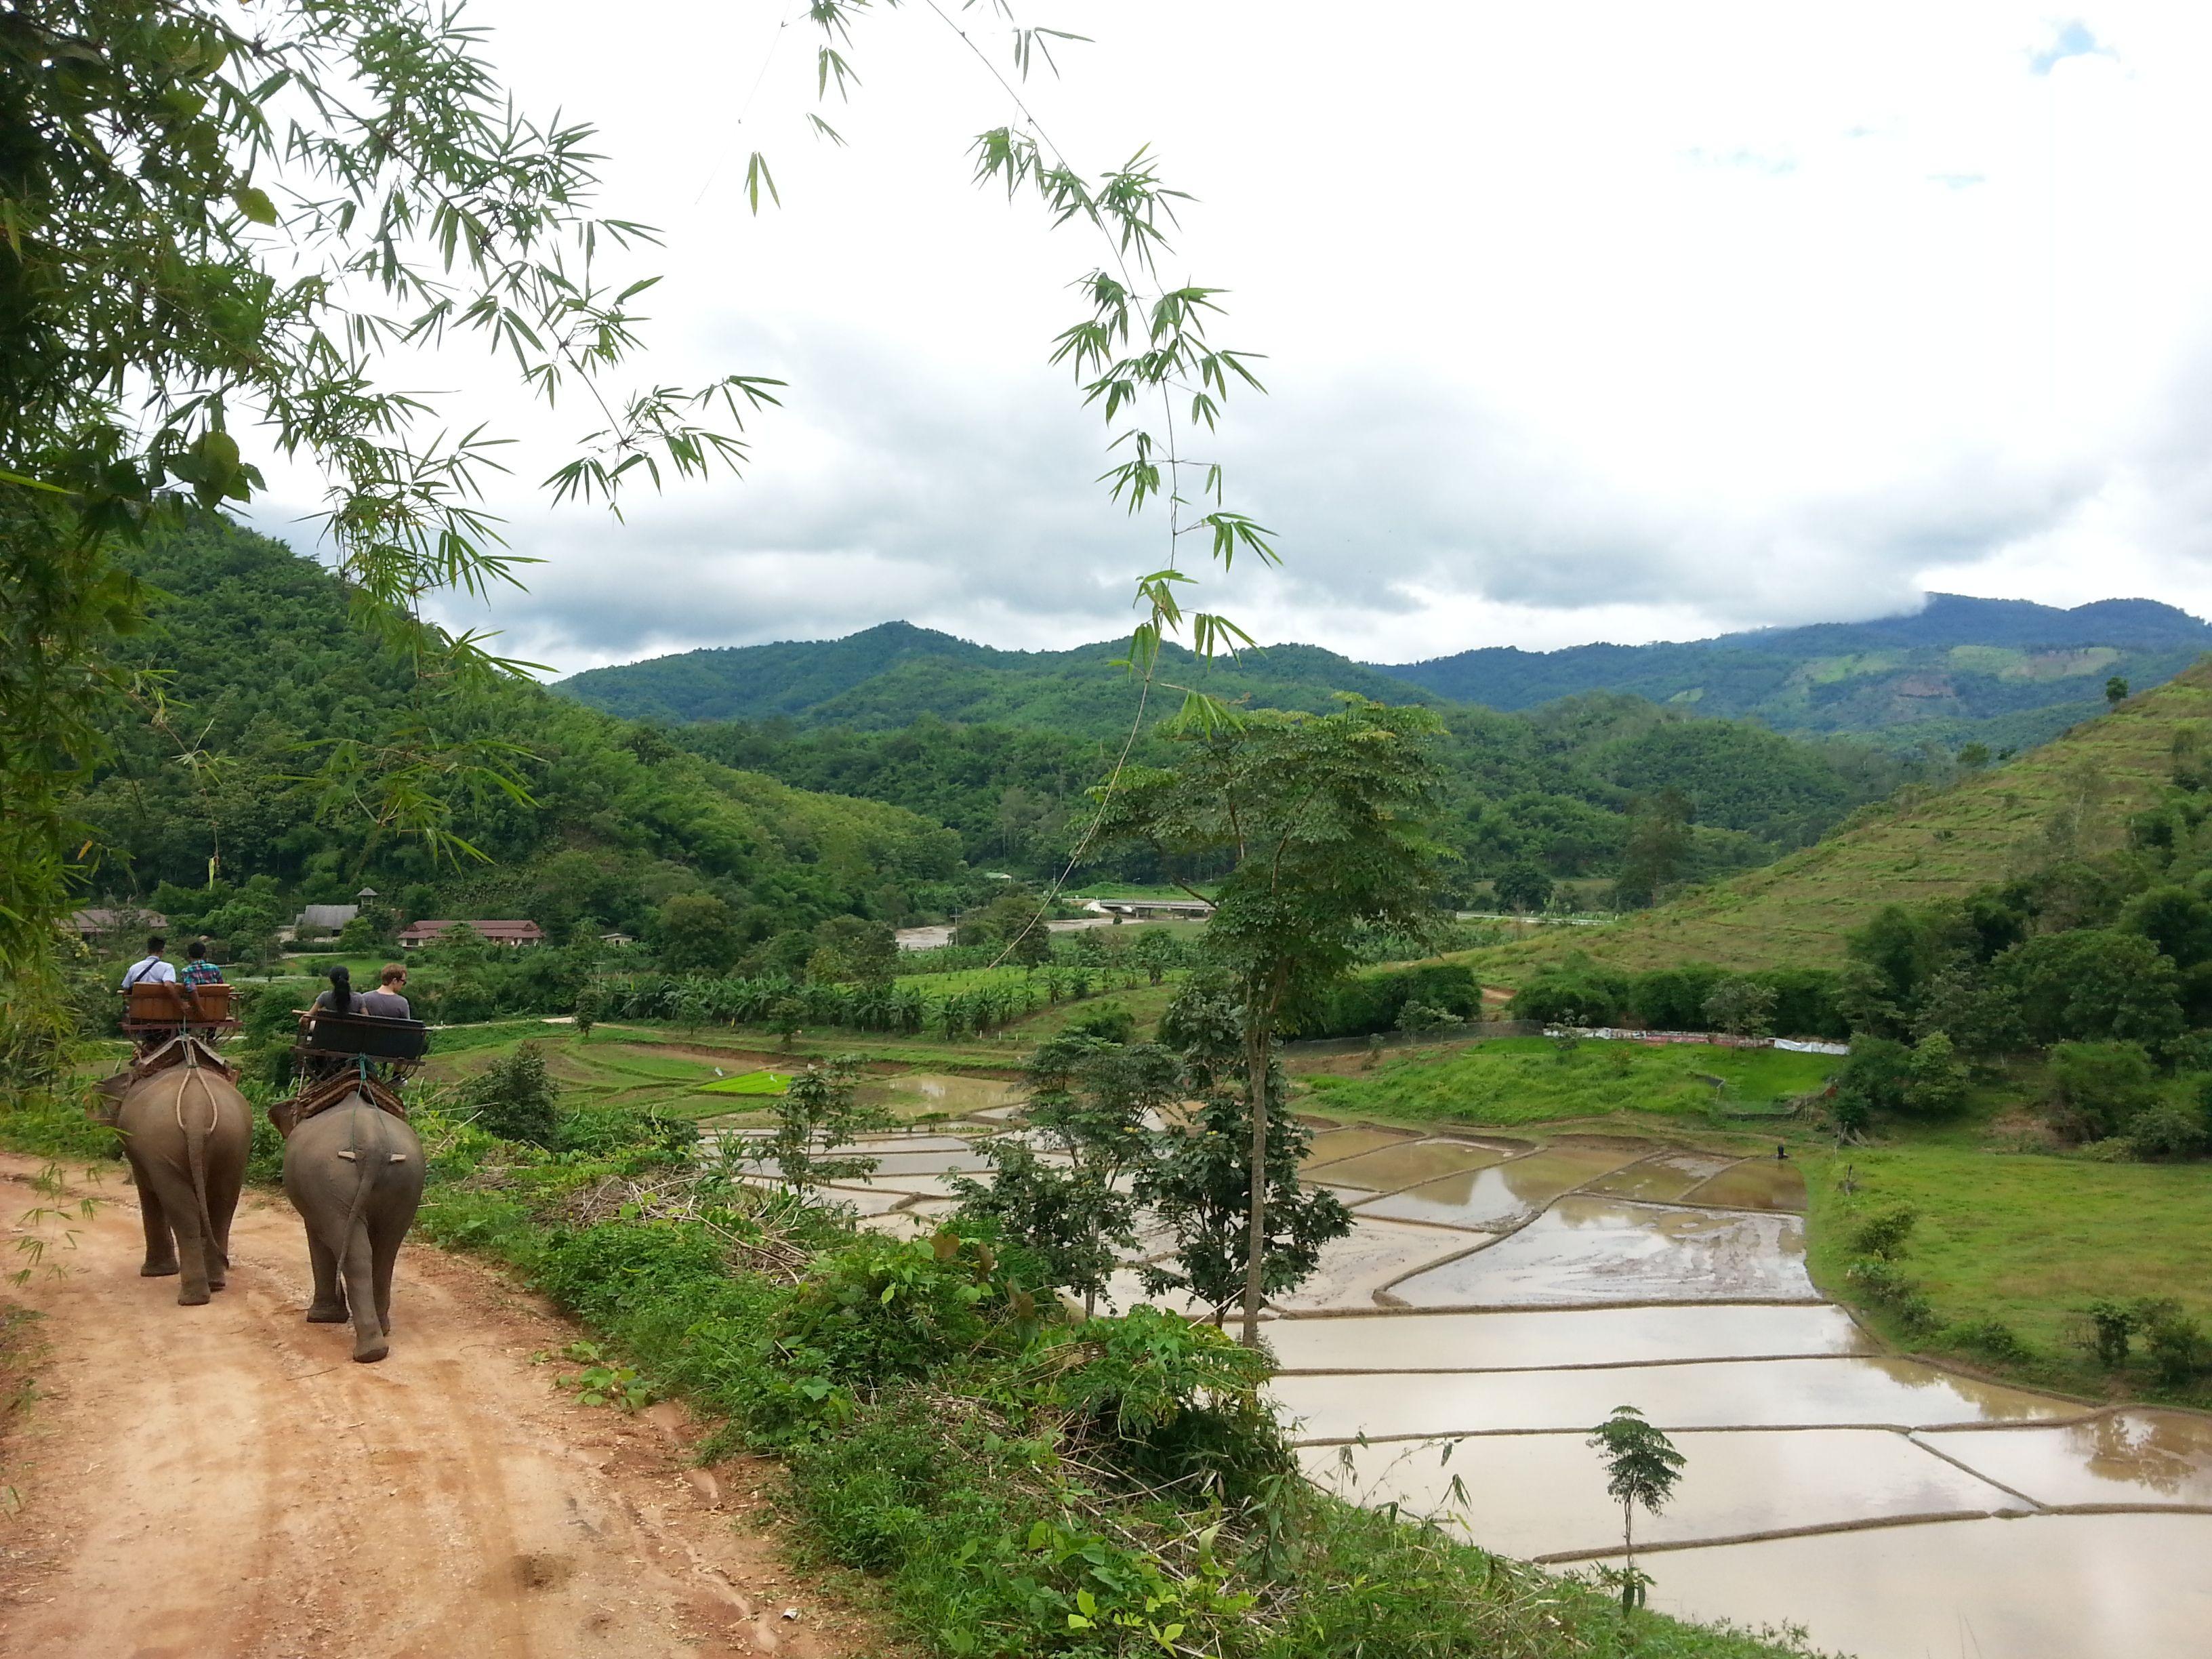 Elephant ride in Chiang rai